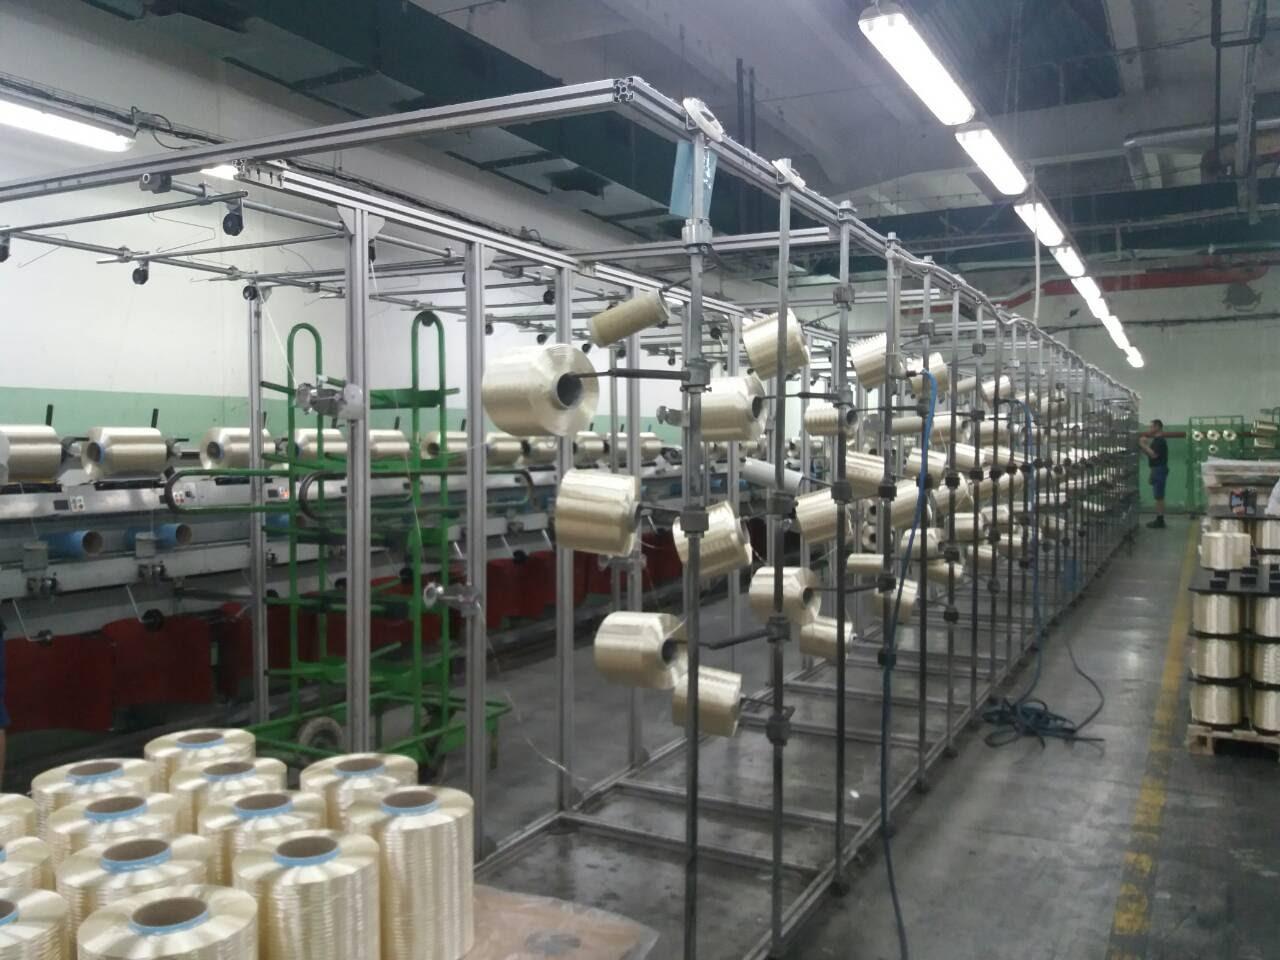 Работа в Чехии на автозаводе по изготовлению нитей к автошинам.  Без опыта работы, высокая ЗП